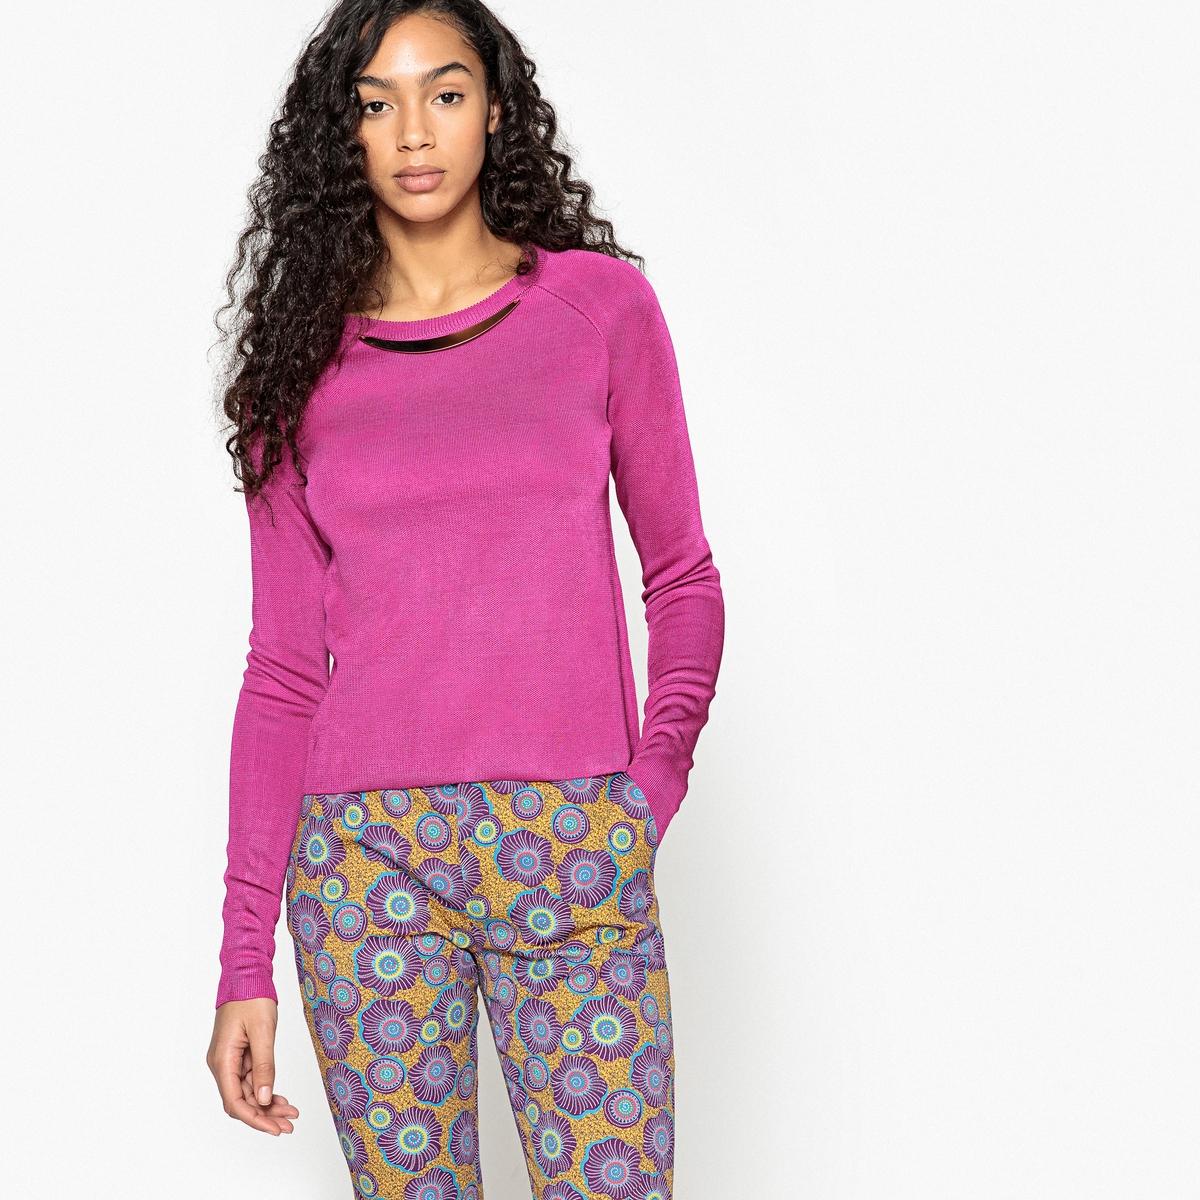 цена Пуловер La Redoute С круглым вырезом и оригинальными украшениями XXL розовый онлайн в 2017 году